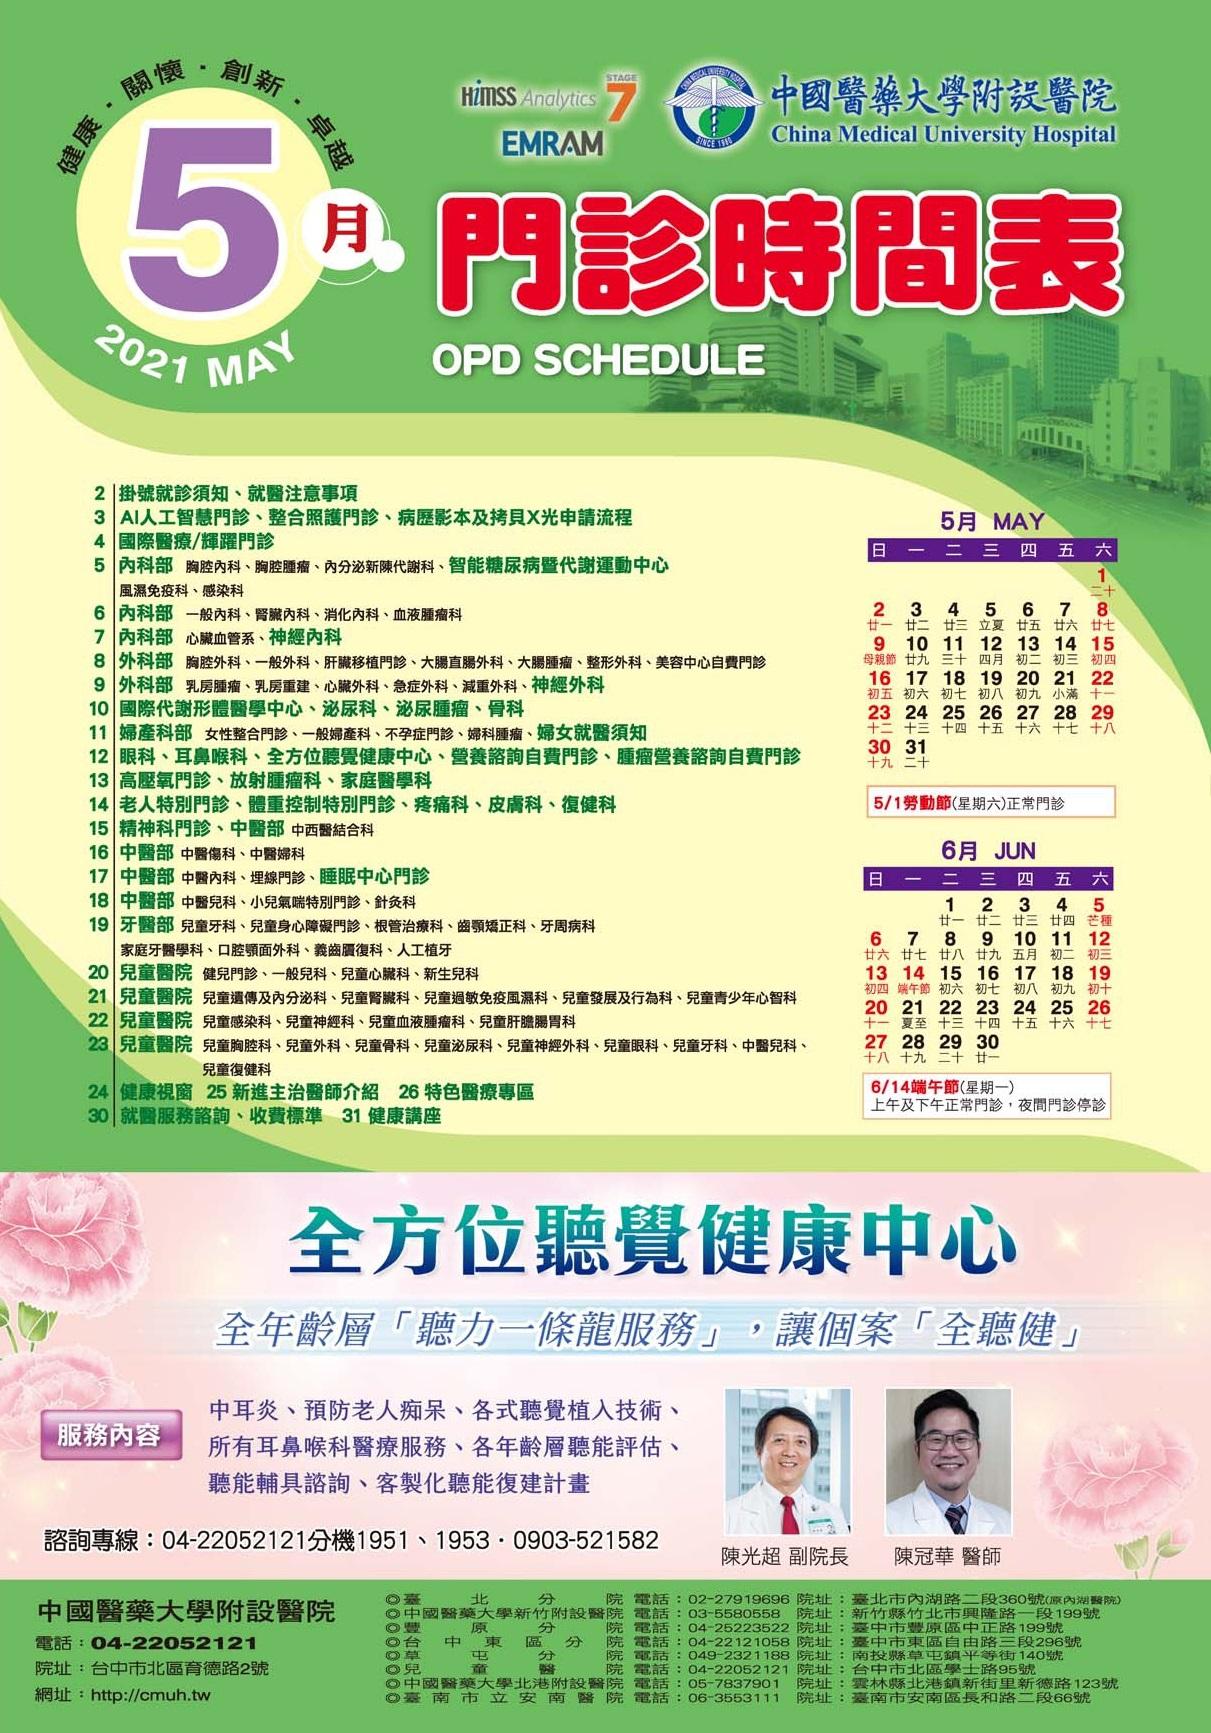 中國附醫110年5月門診時間表